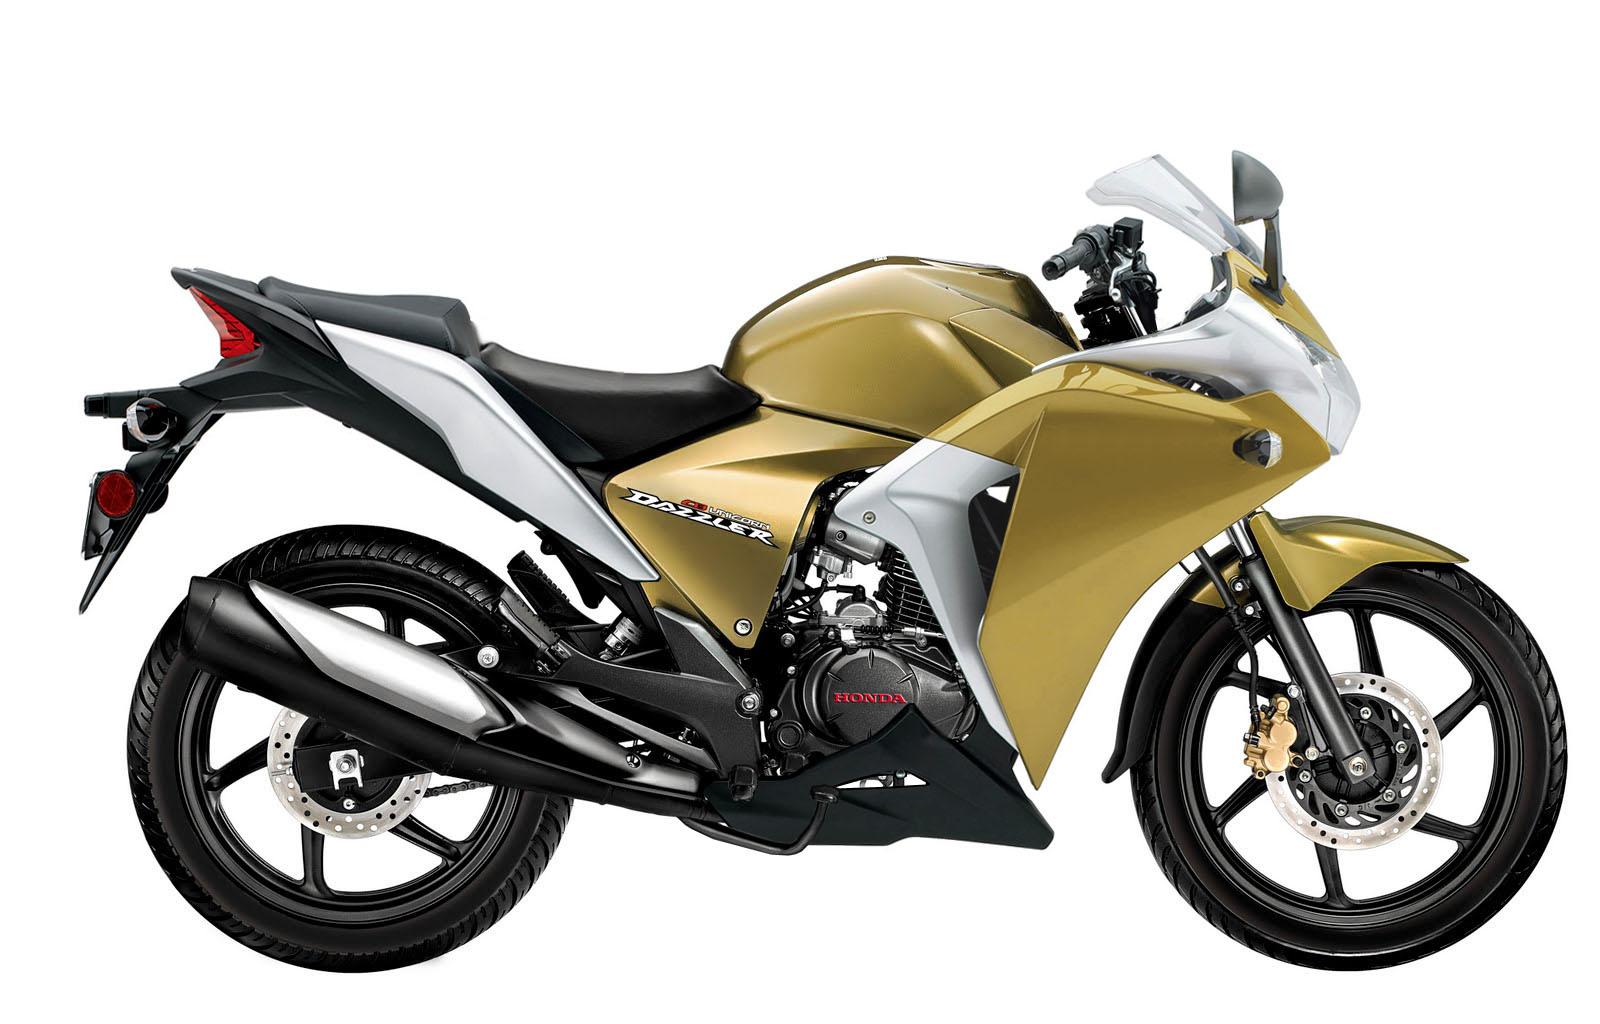 Modif Modifikasi Otomotif Streetfighter Yamaha Yamaha Yzf R Yzf R